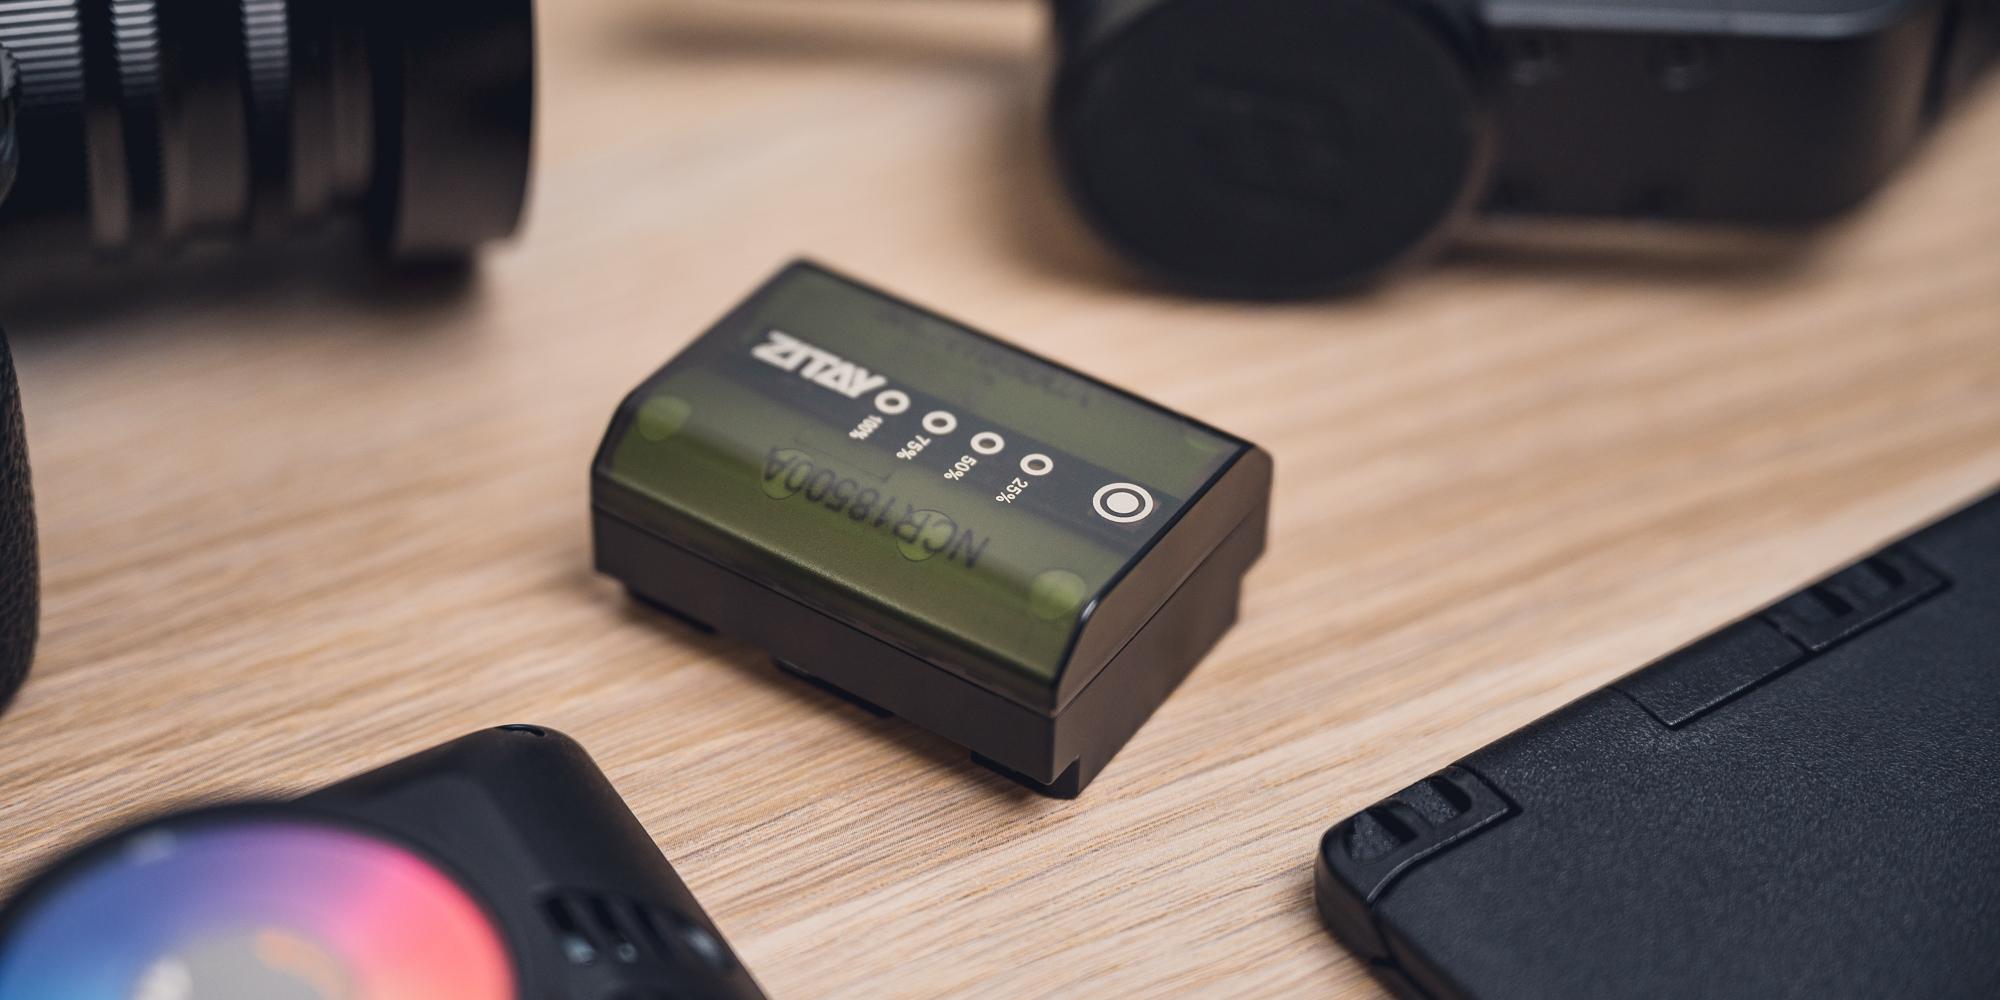 Akumulator Zitay zamiennik NP-FZ100 - Długi czas pracy z aparatem